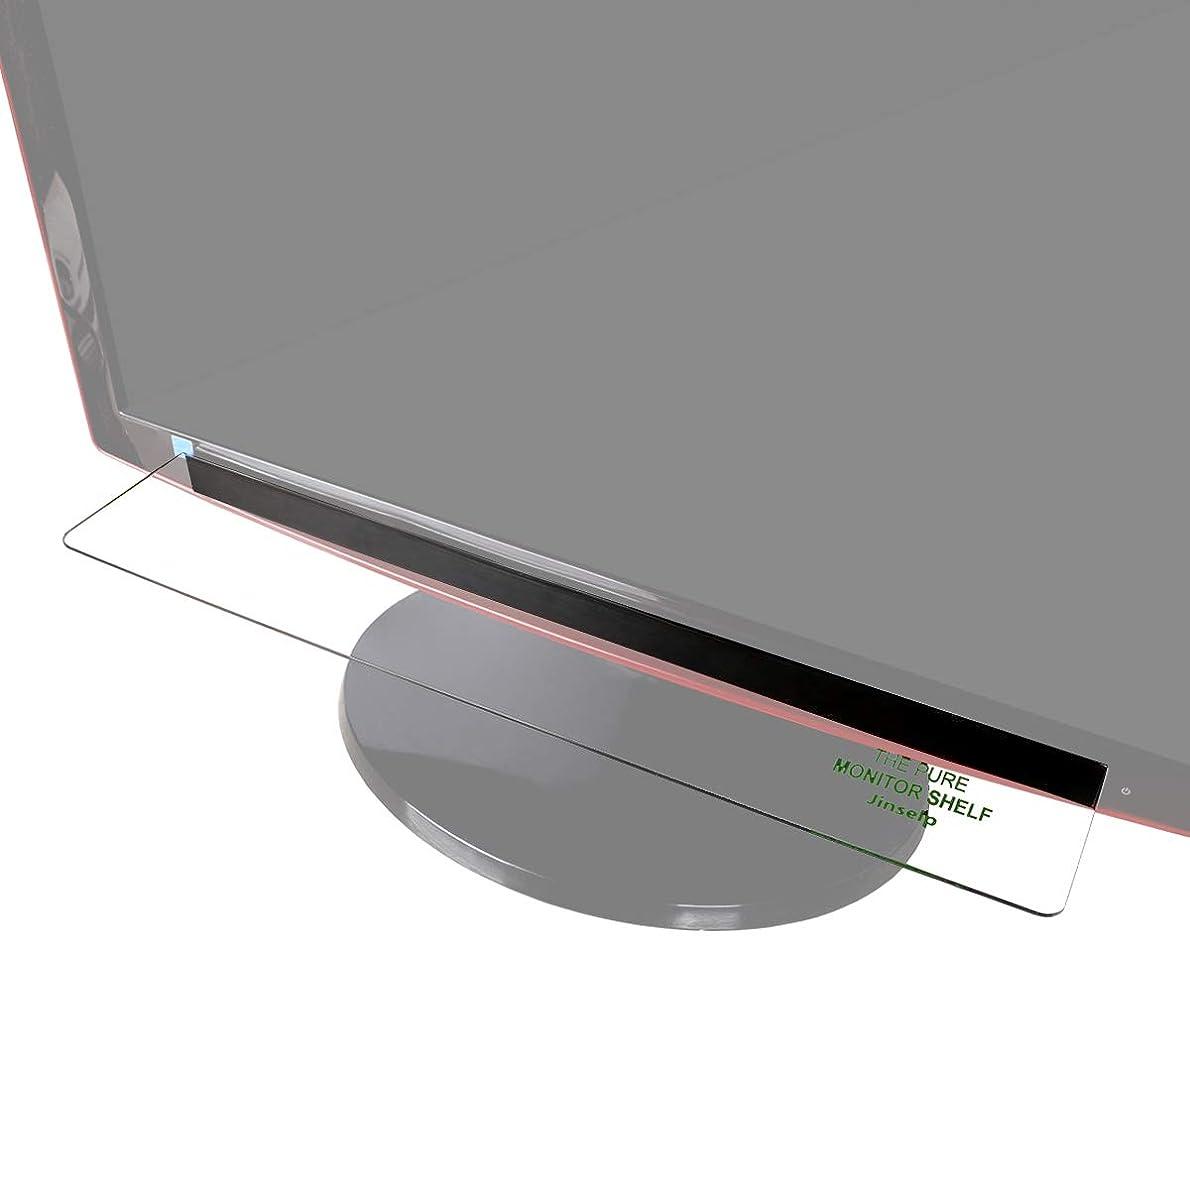 閃光モチーフ熱意LANMU ディスプレイボード 透明 貼り付けボード 収納/整理/取り付け簡単 小物ラック パソコンモニター棚 スクリーンシェルフ